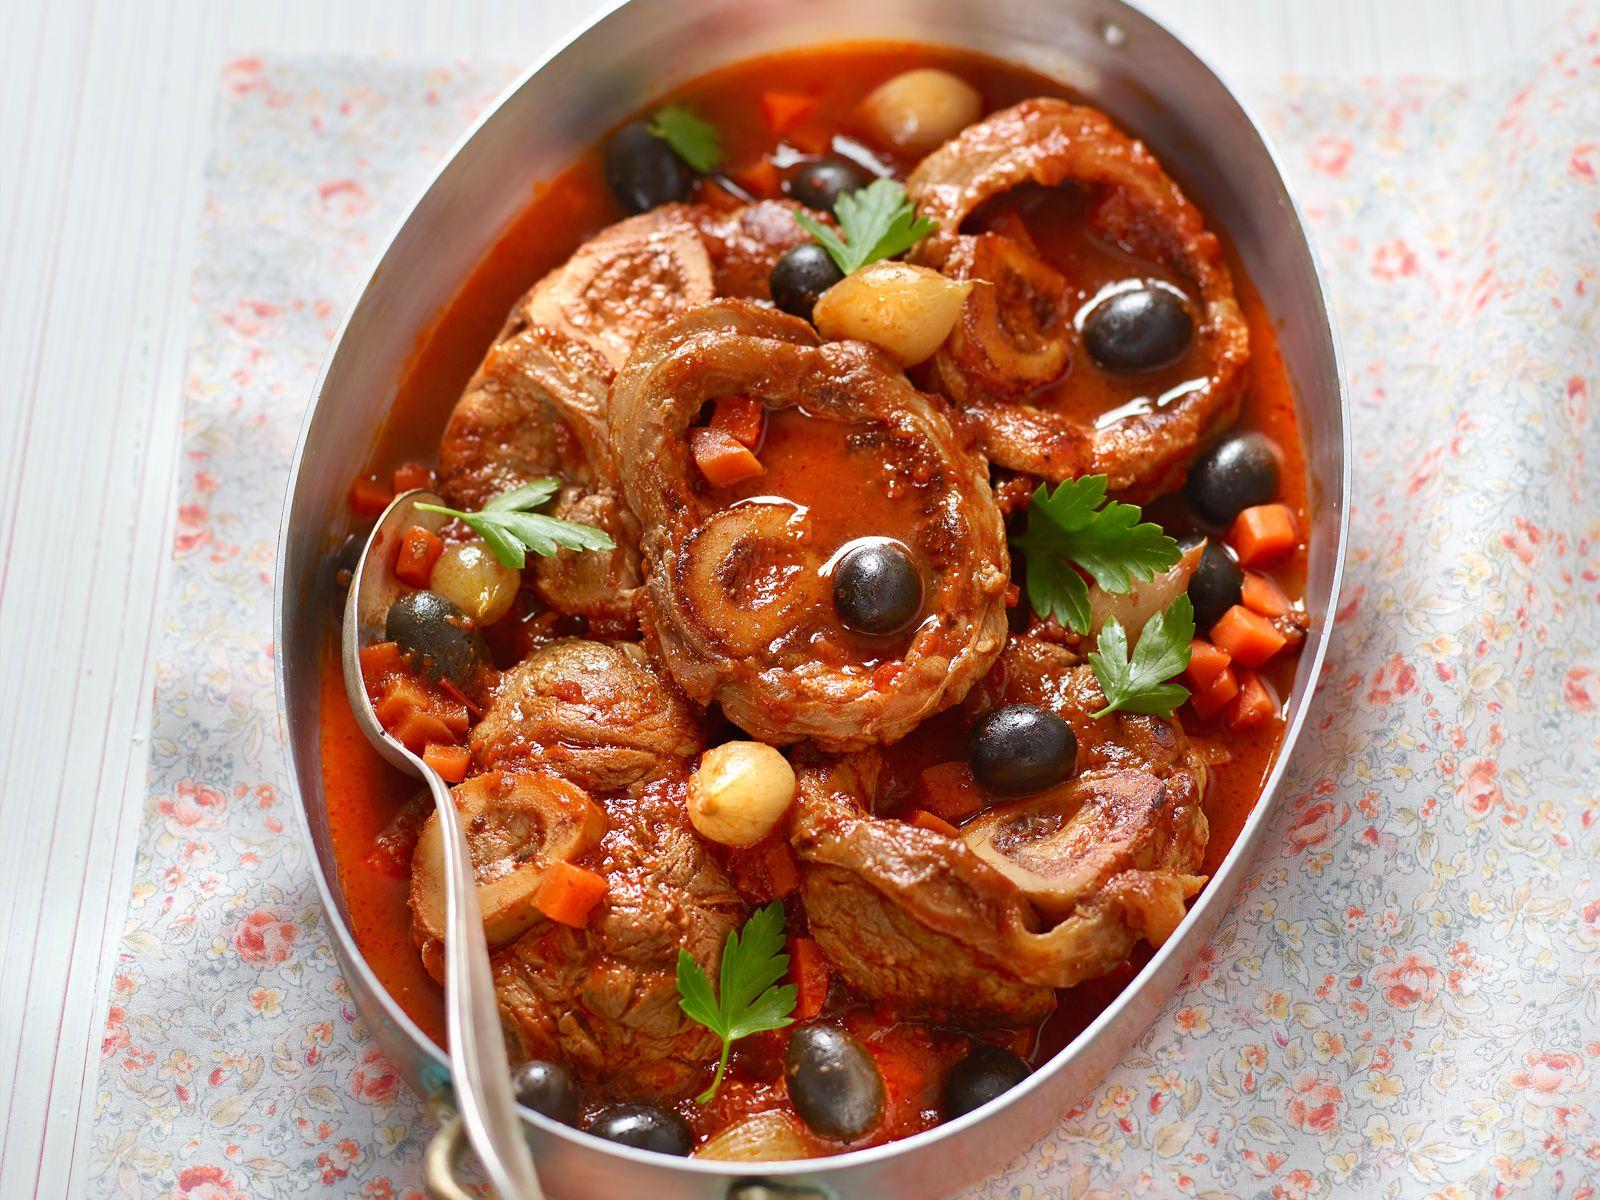 Découvrez la recette Recette Thermomix osso,bucco sur cuisineactuelle.fr.